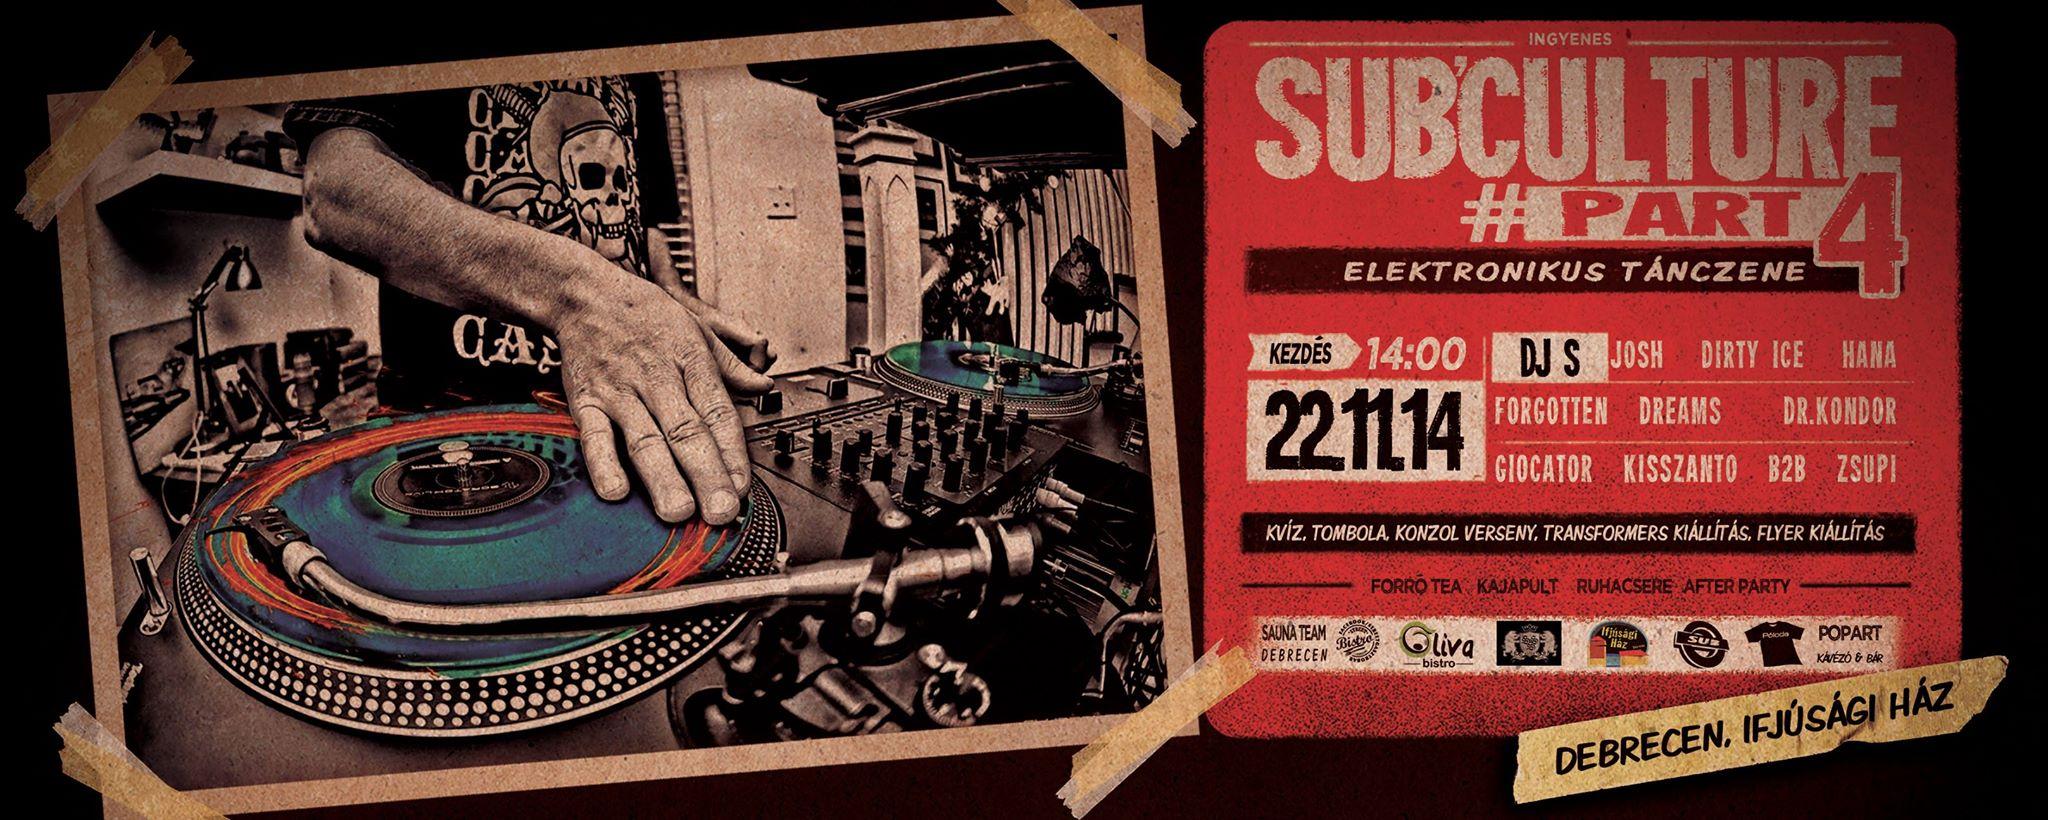 subculture part4